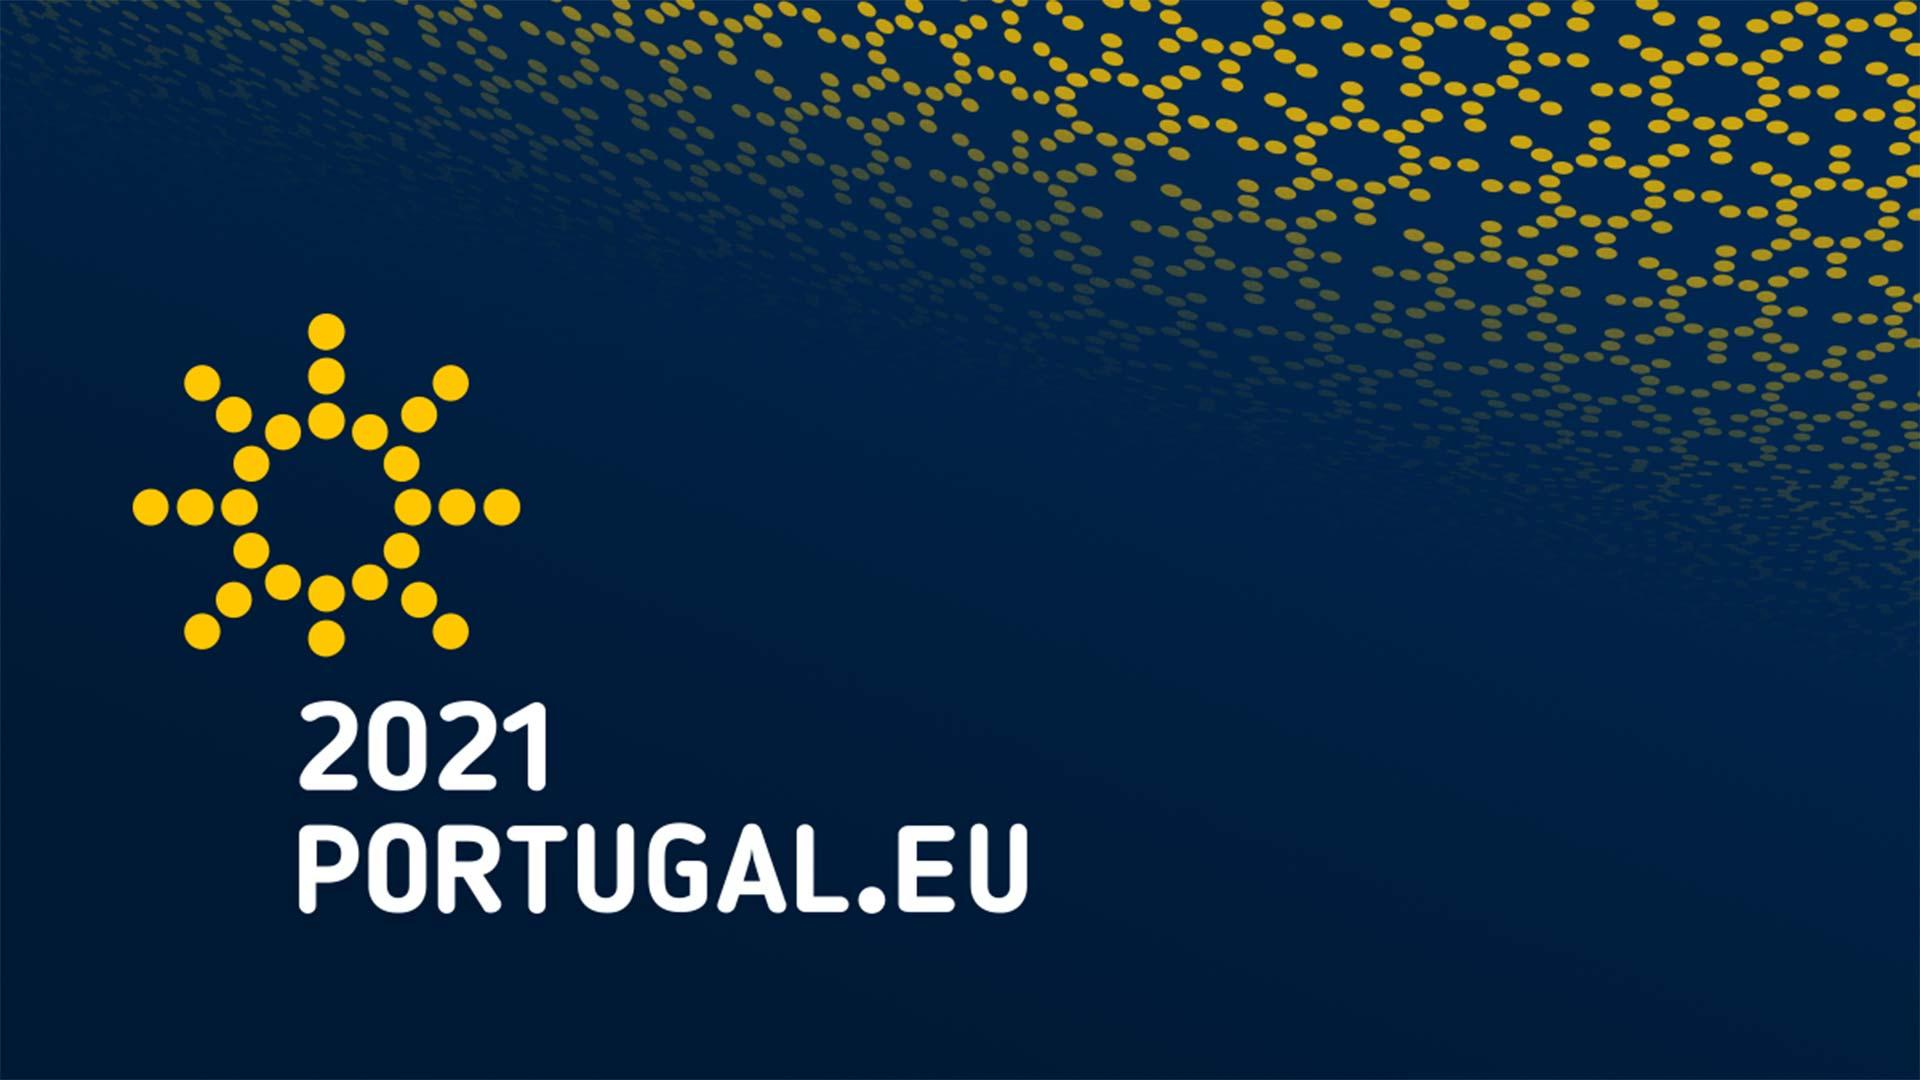 2021 Portugal #EU2021PT